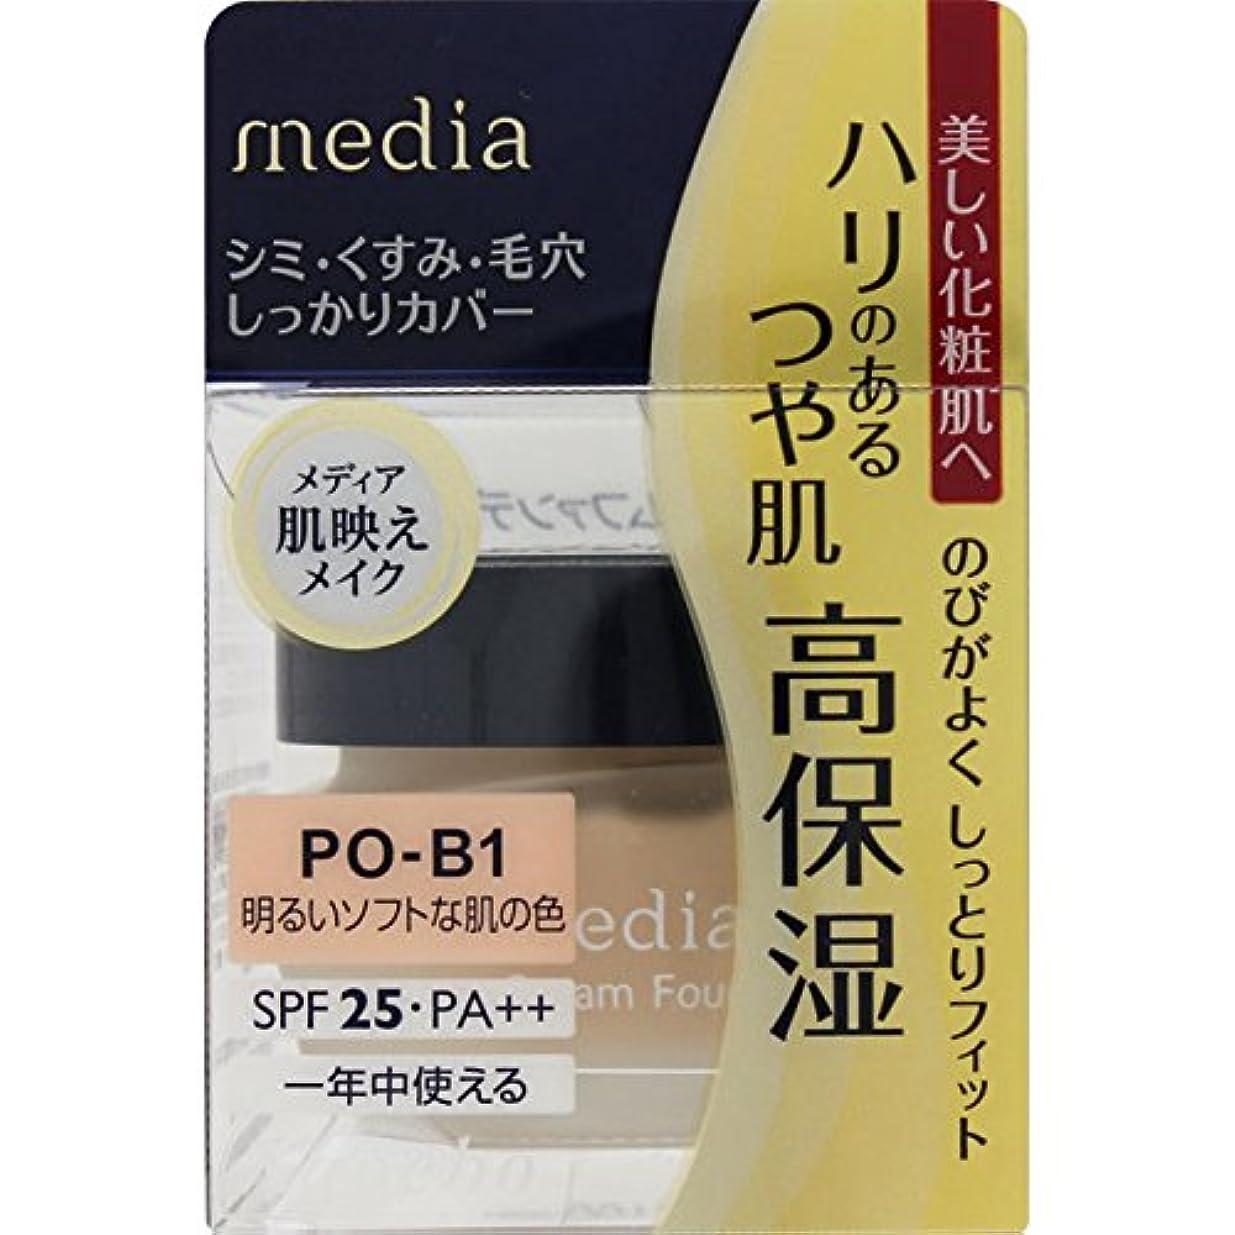 繊維オペラ肌カネボウ化粧品 メディア クリームファンデーション 明るいソフトな肌の色 POーB1